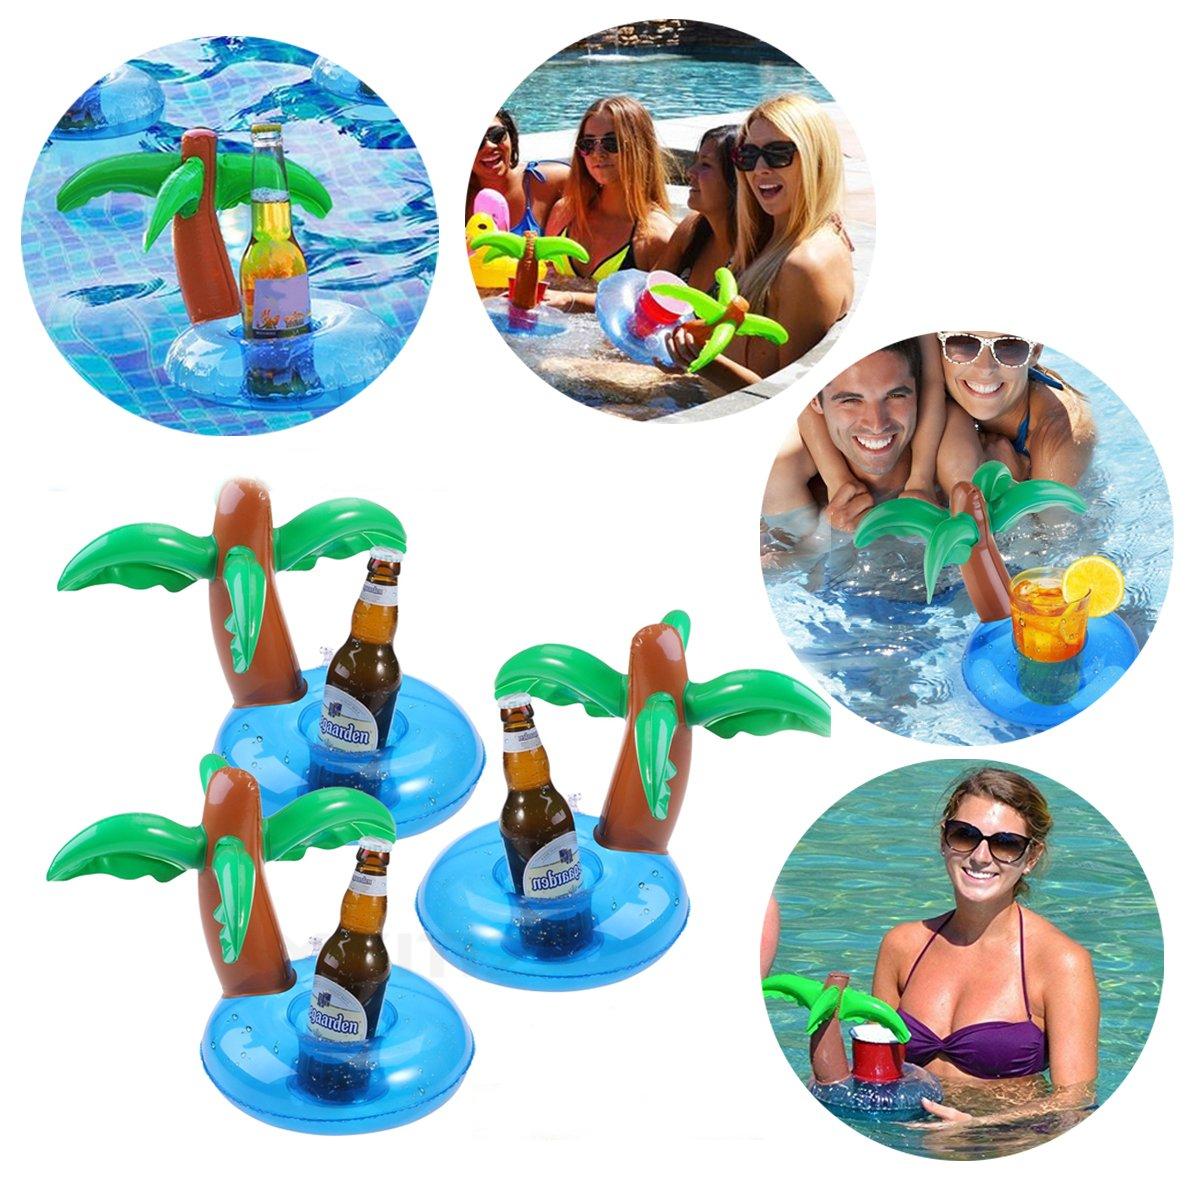 Soporte para vasos hinchable, bonito soporte para bebidas ...